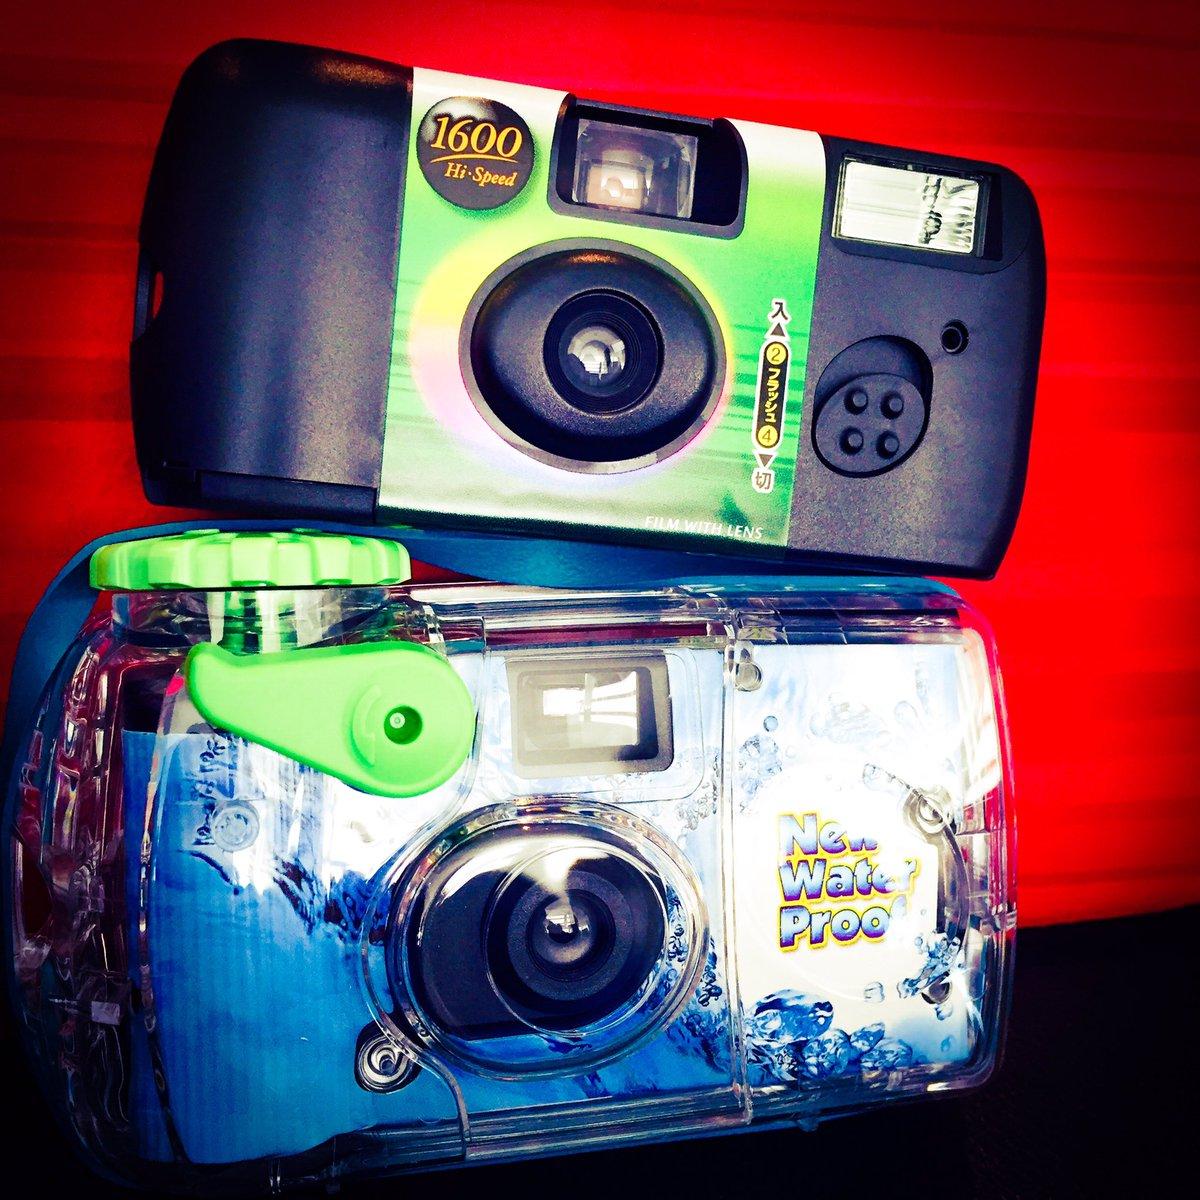 現像が楽しみ。写るんですっ。ポラロイドカメラも欲しい。ライカも欲しい。カメラたのしい。